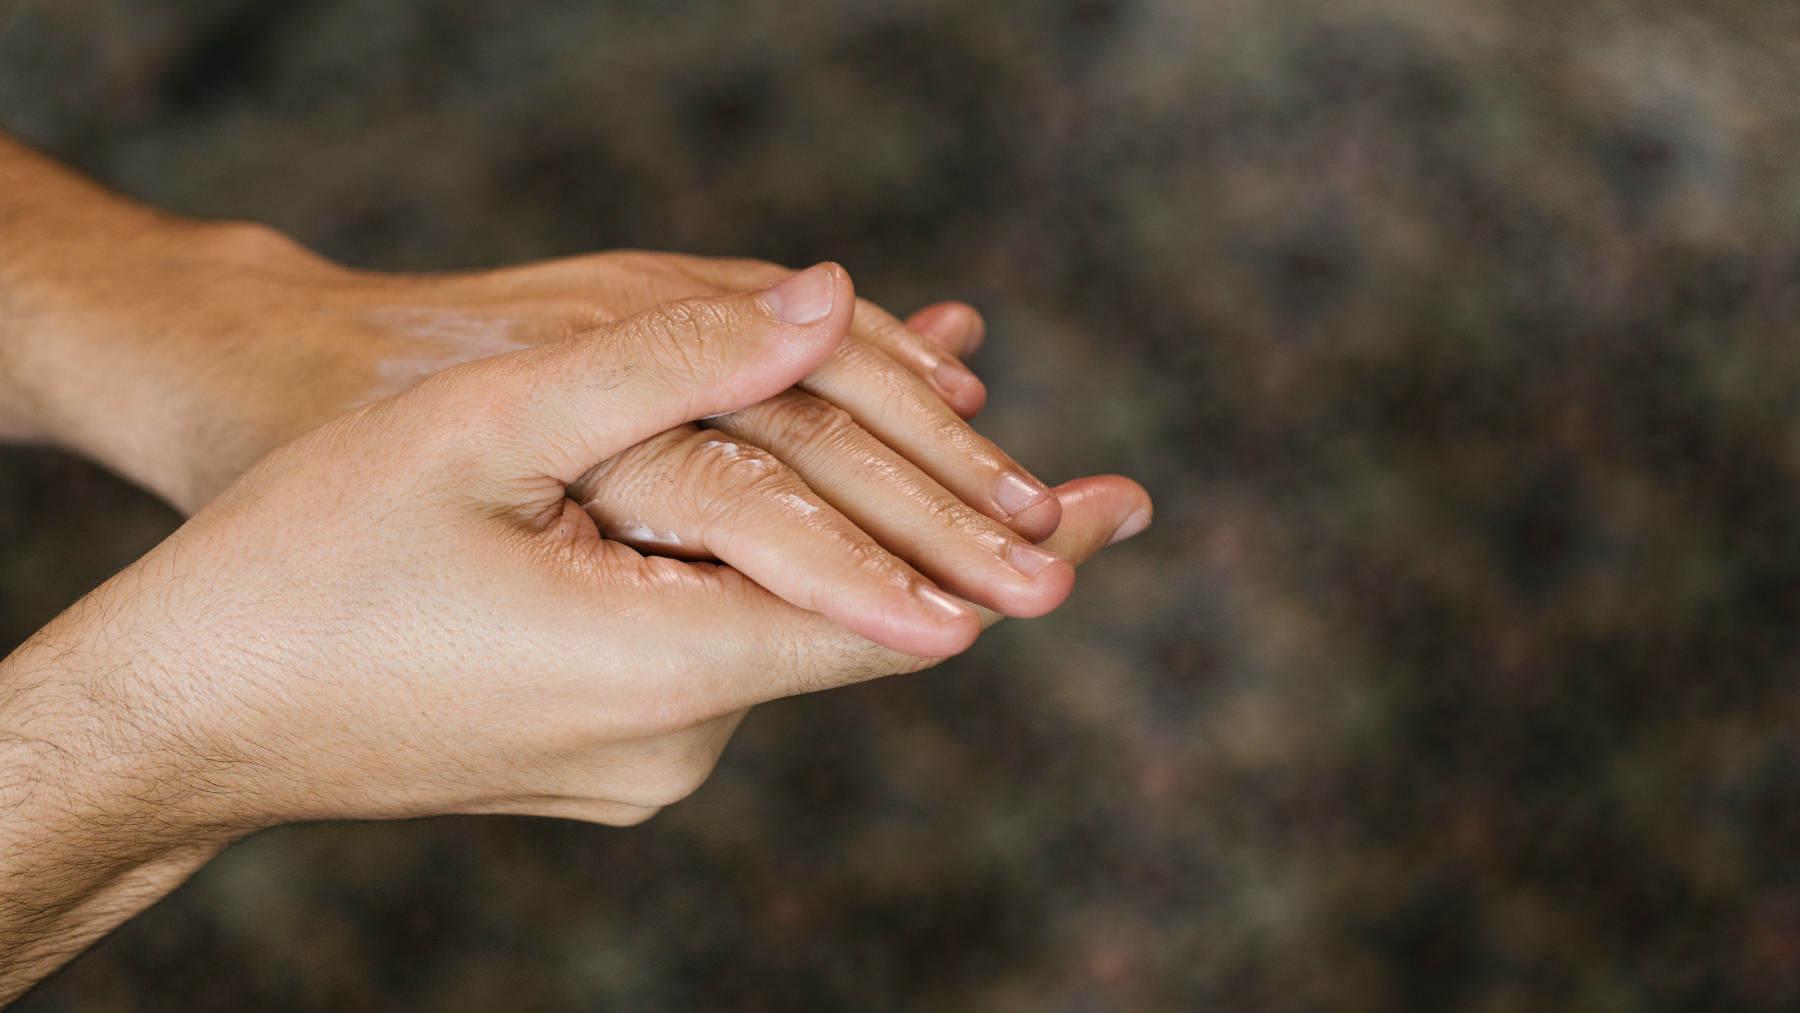 Belohne hart arbeitende Hände mit sanfter, reichhaltiger Creme